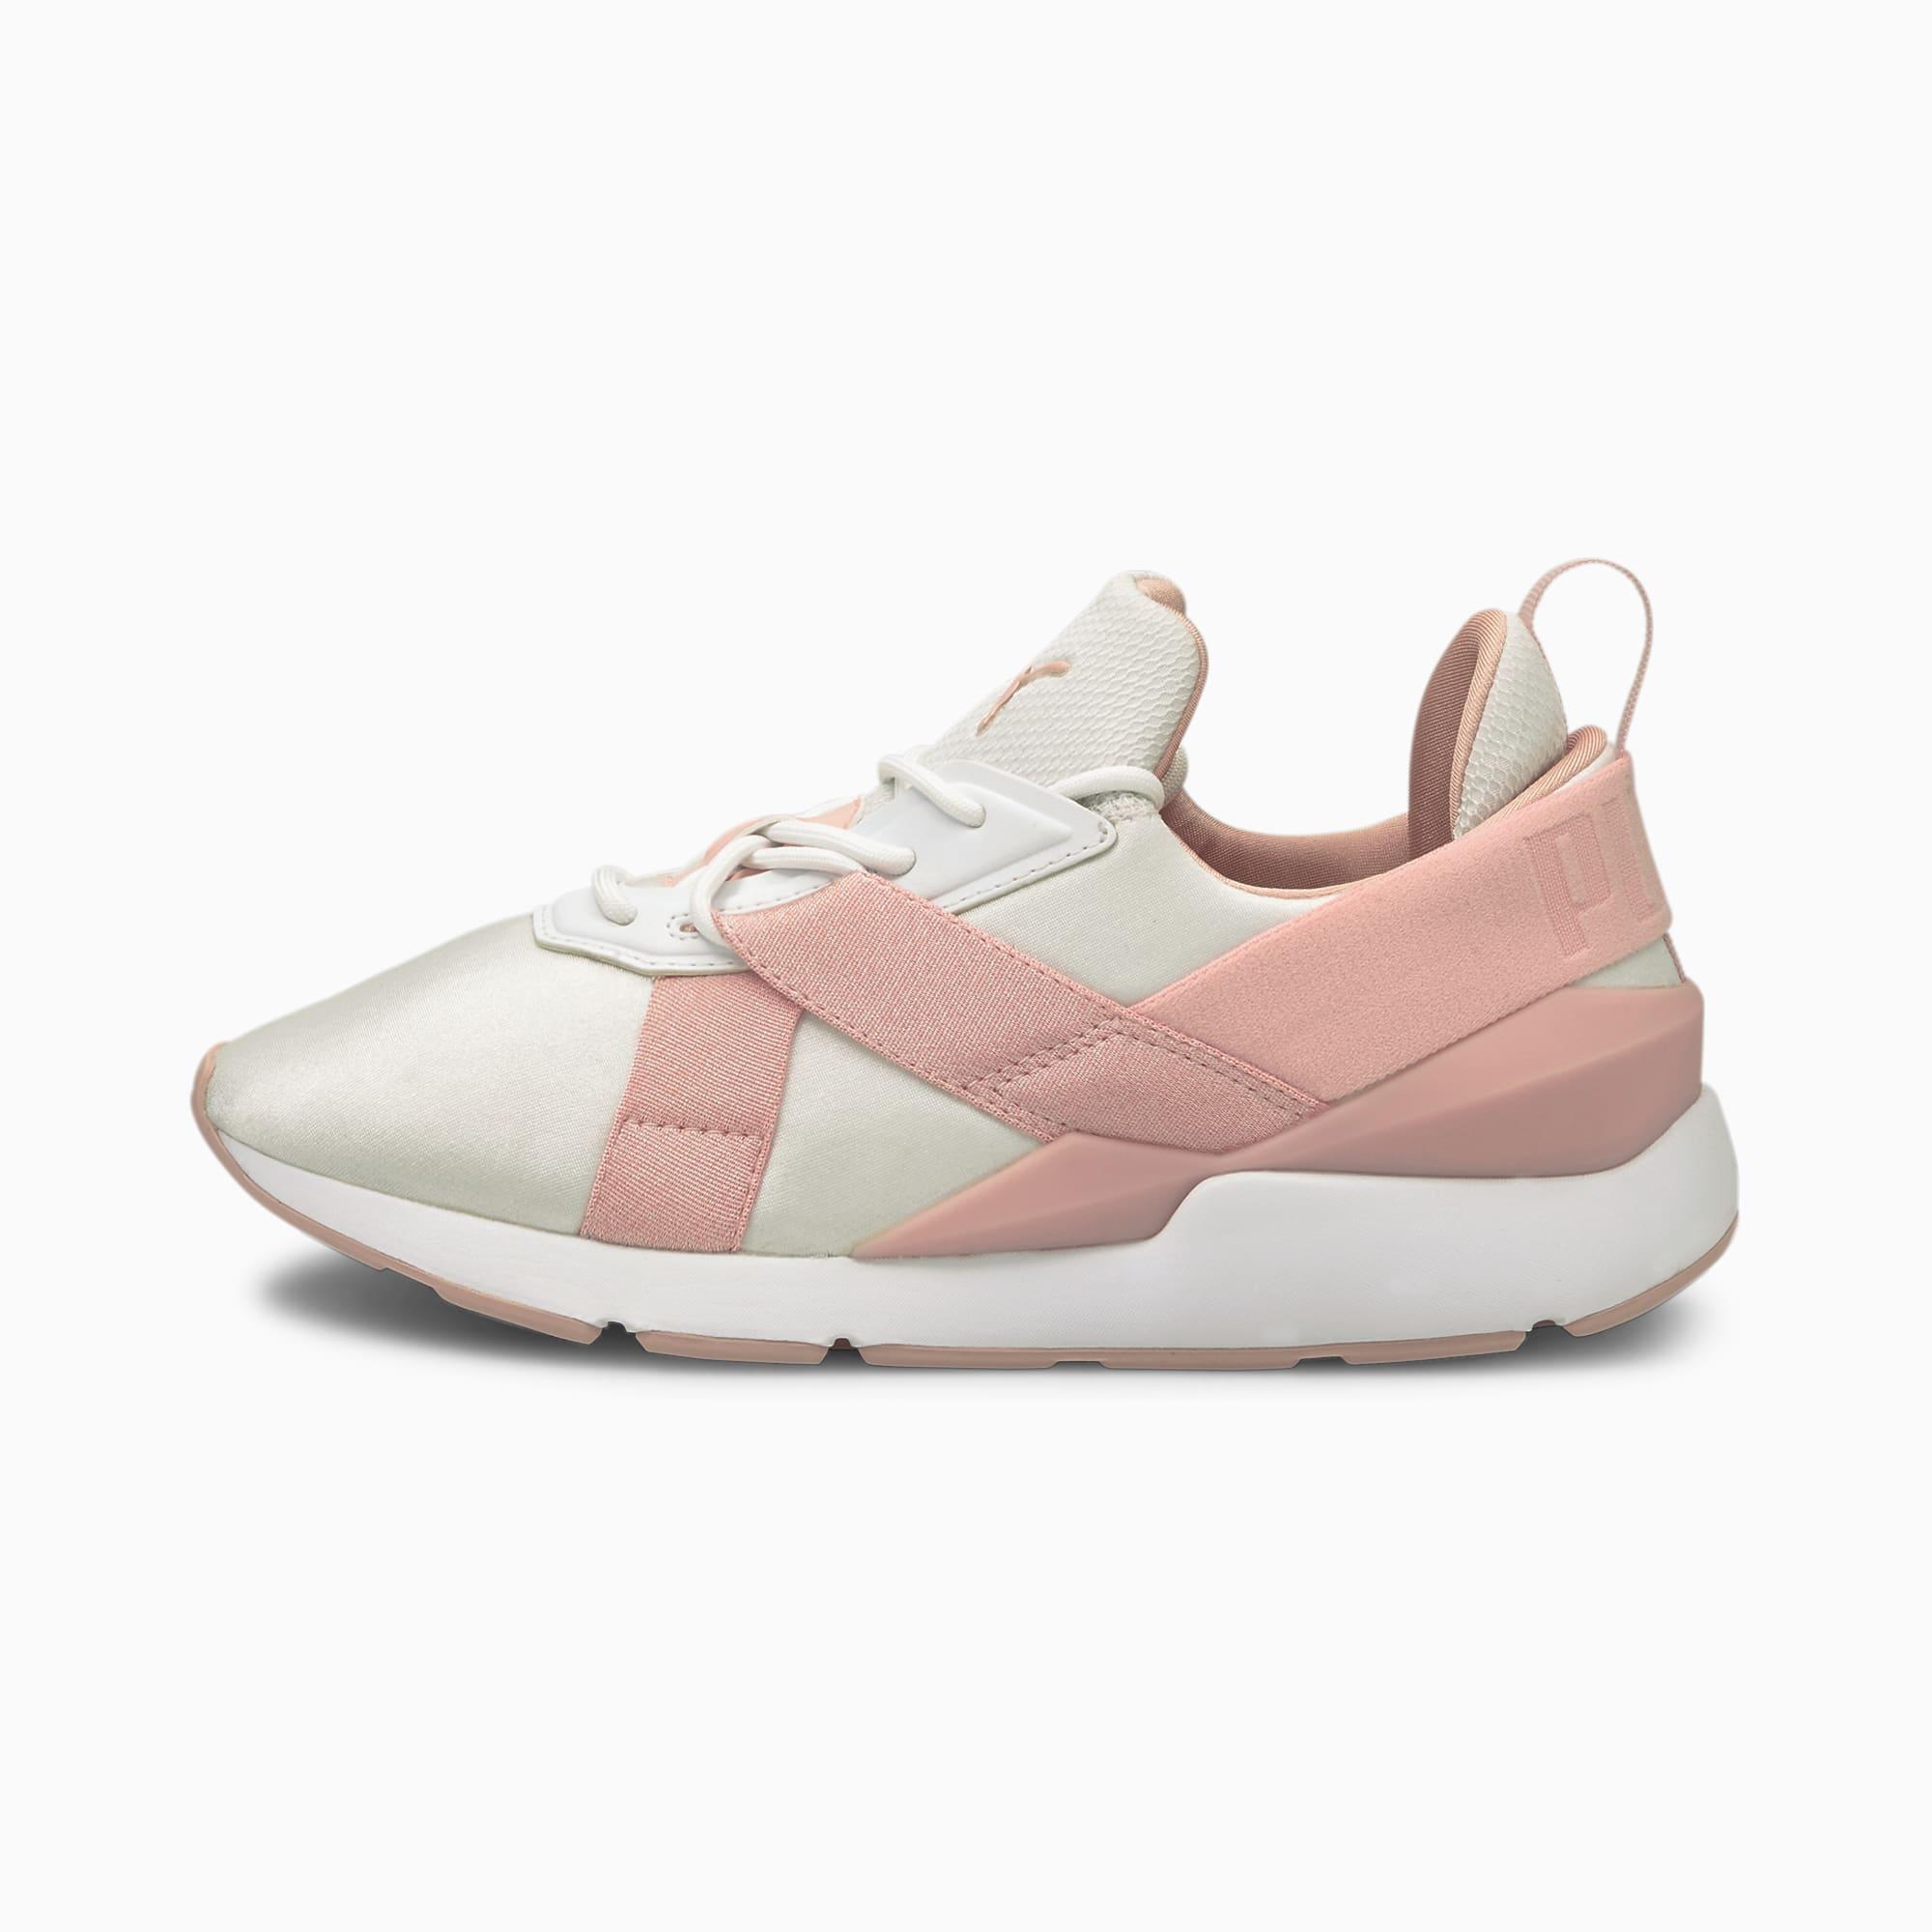 Muse X3 Pastel Women's Shoes